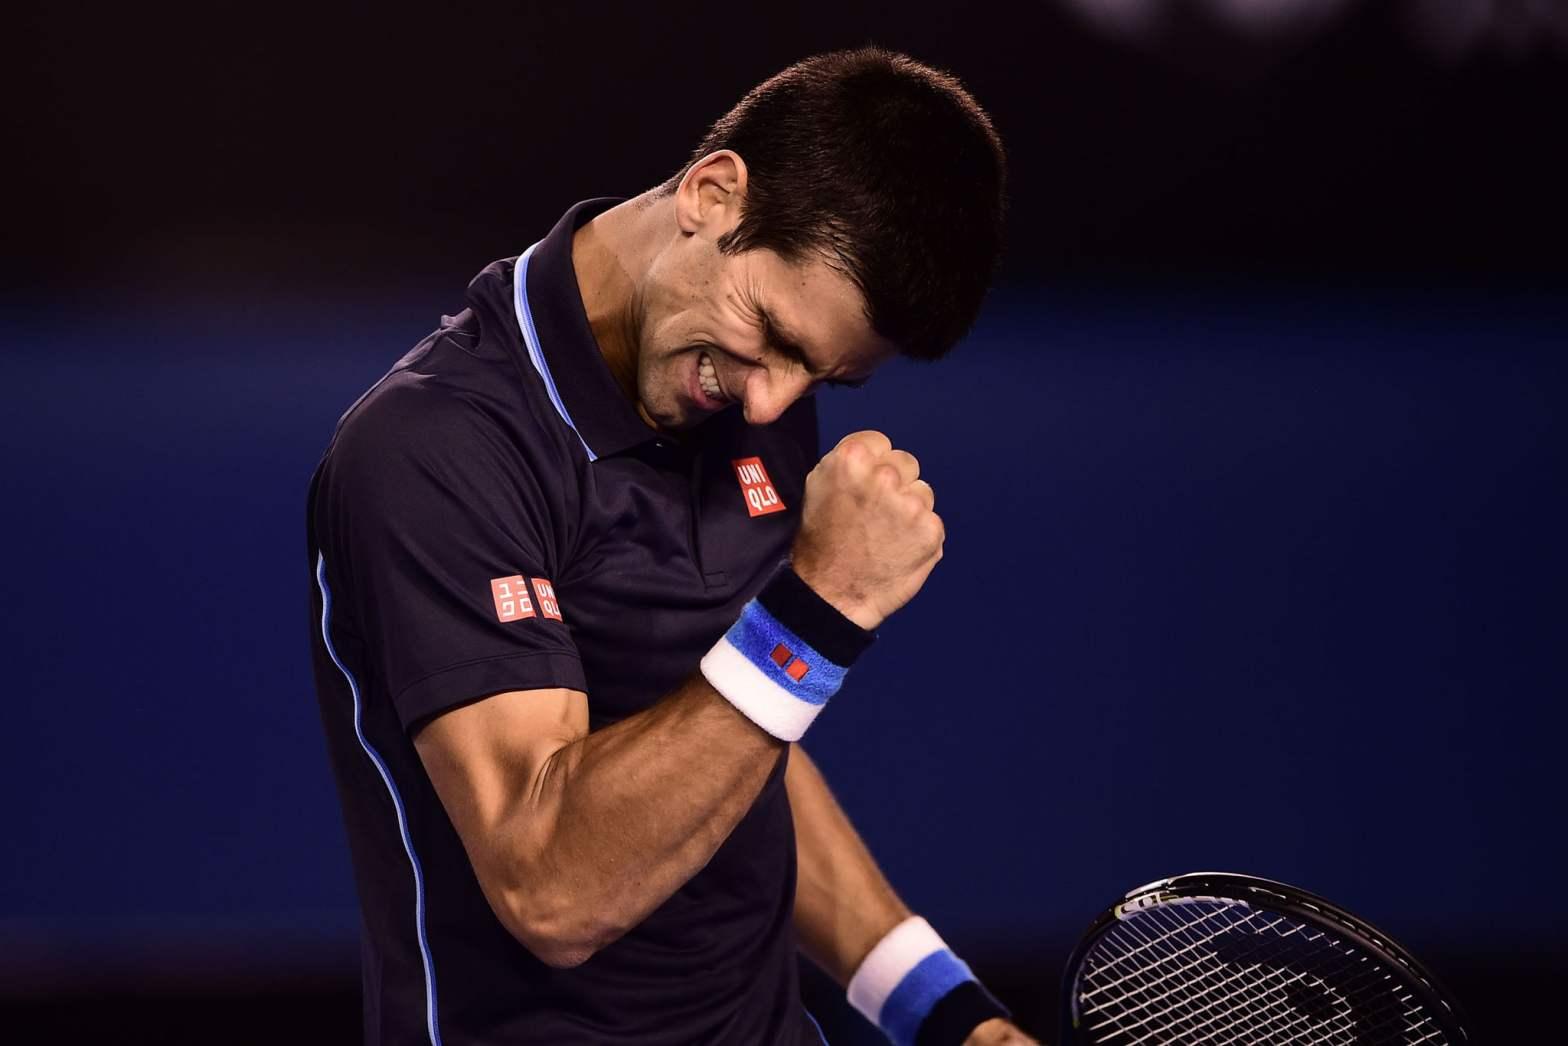 Djokovic continúa   sólido y firme en Melbourne.